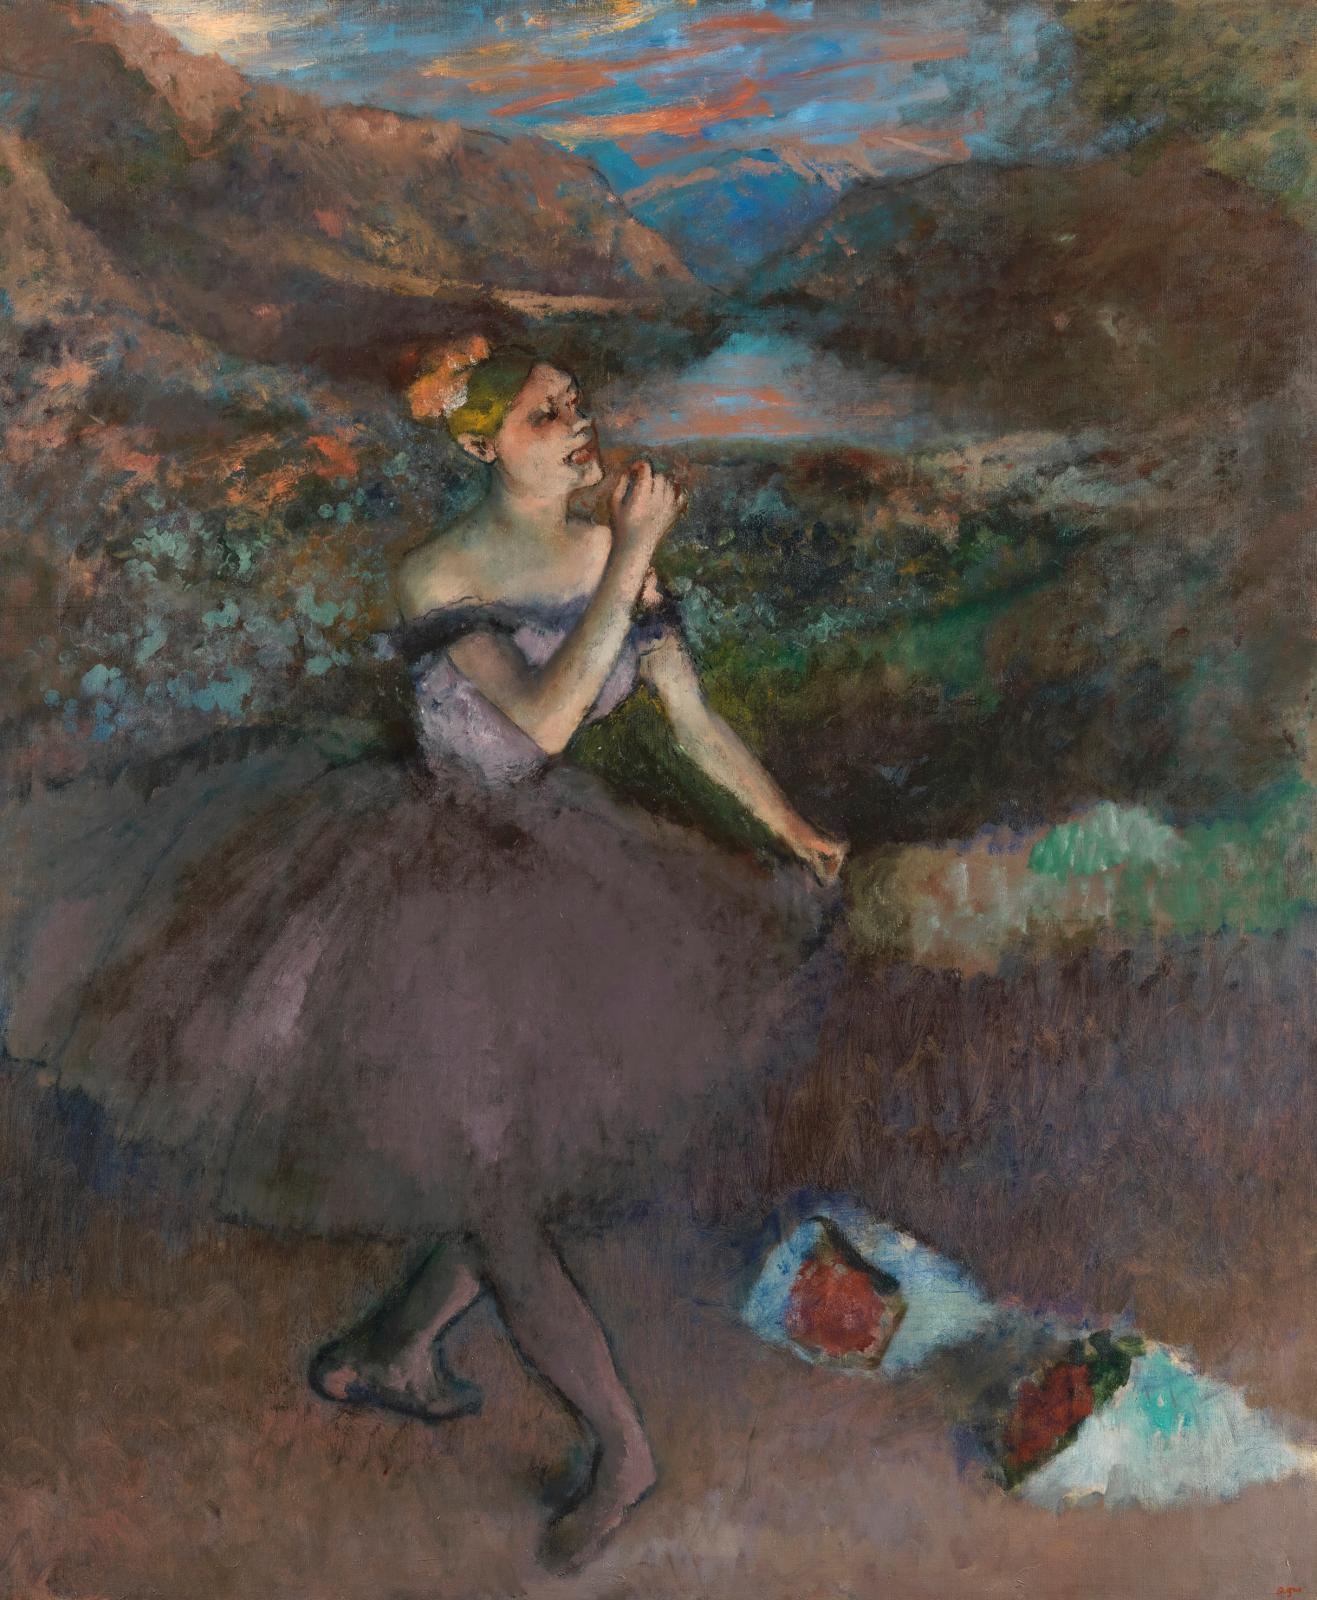 Danseuse au bouquet saluant, vers 1895-1900, huile sur toile, Chrysler Museum of Art, Norfolk.